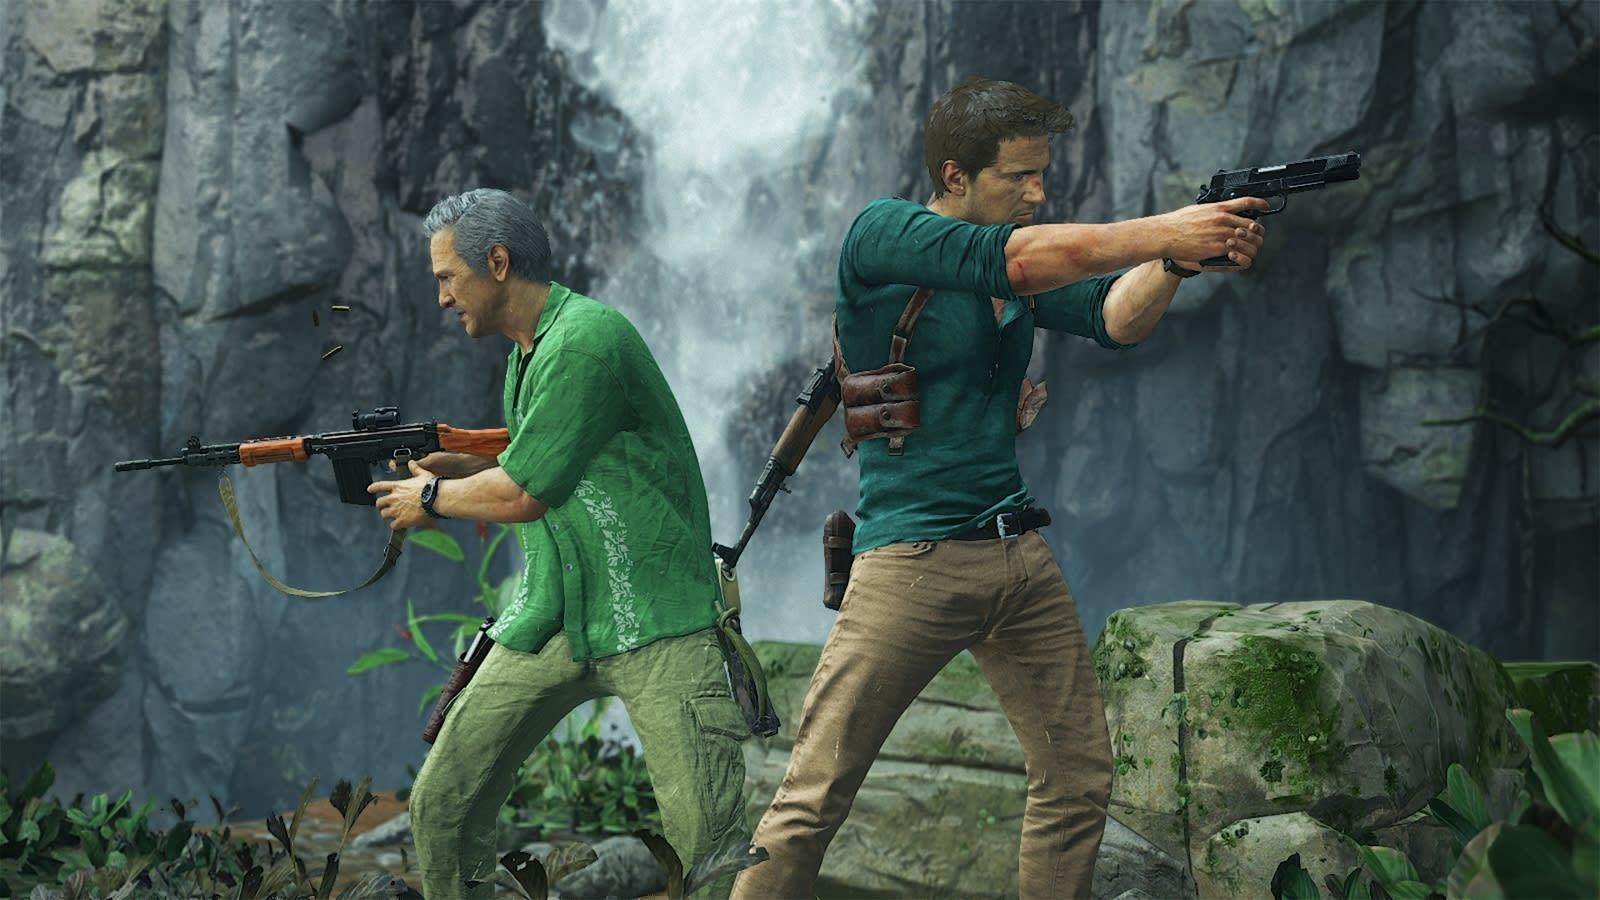 ผลการค้นหารูปภาพสำหรับ Uncharted 4